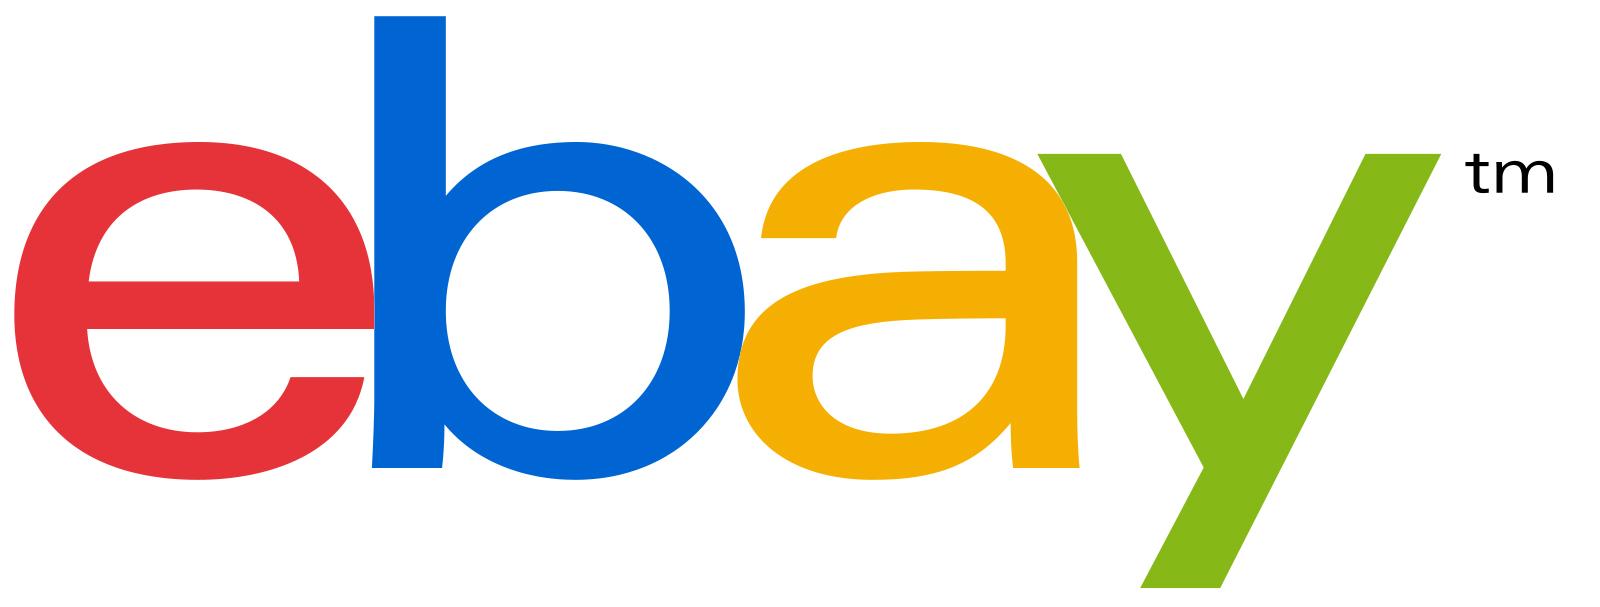 social shopping mit ebay kollektionen ebay startet ein neues inspiratives einkaufserlebnis in. Black Bedroom Furniture Sets. Home Design Ideas